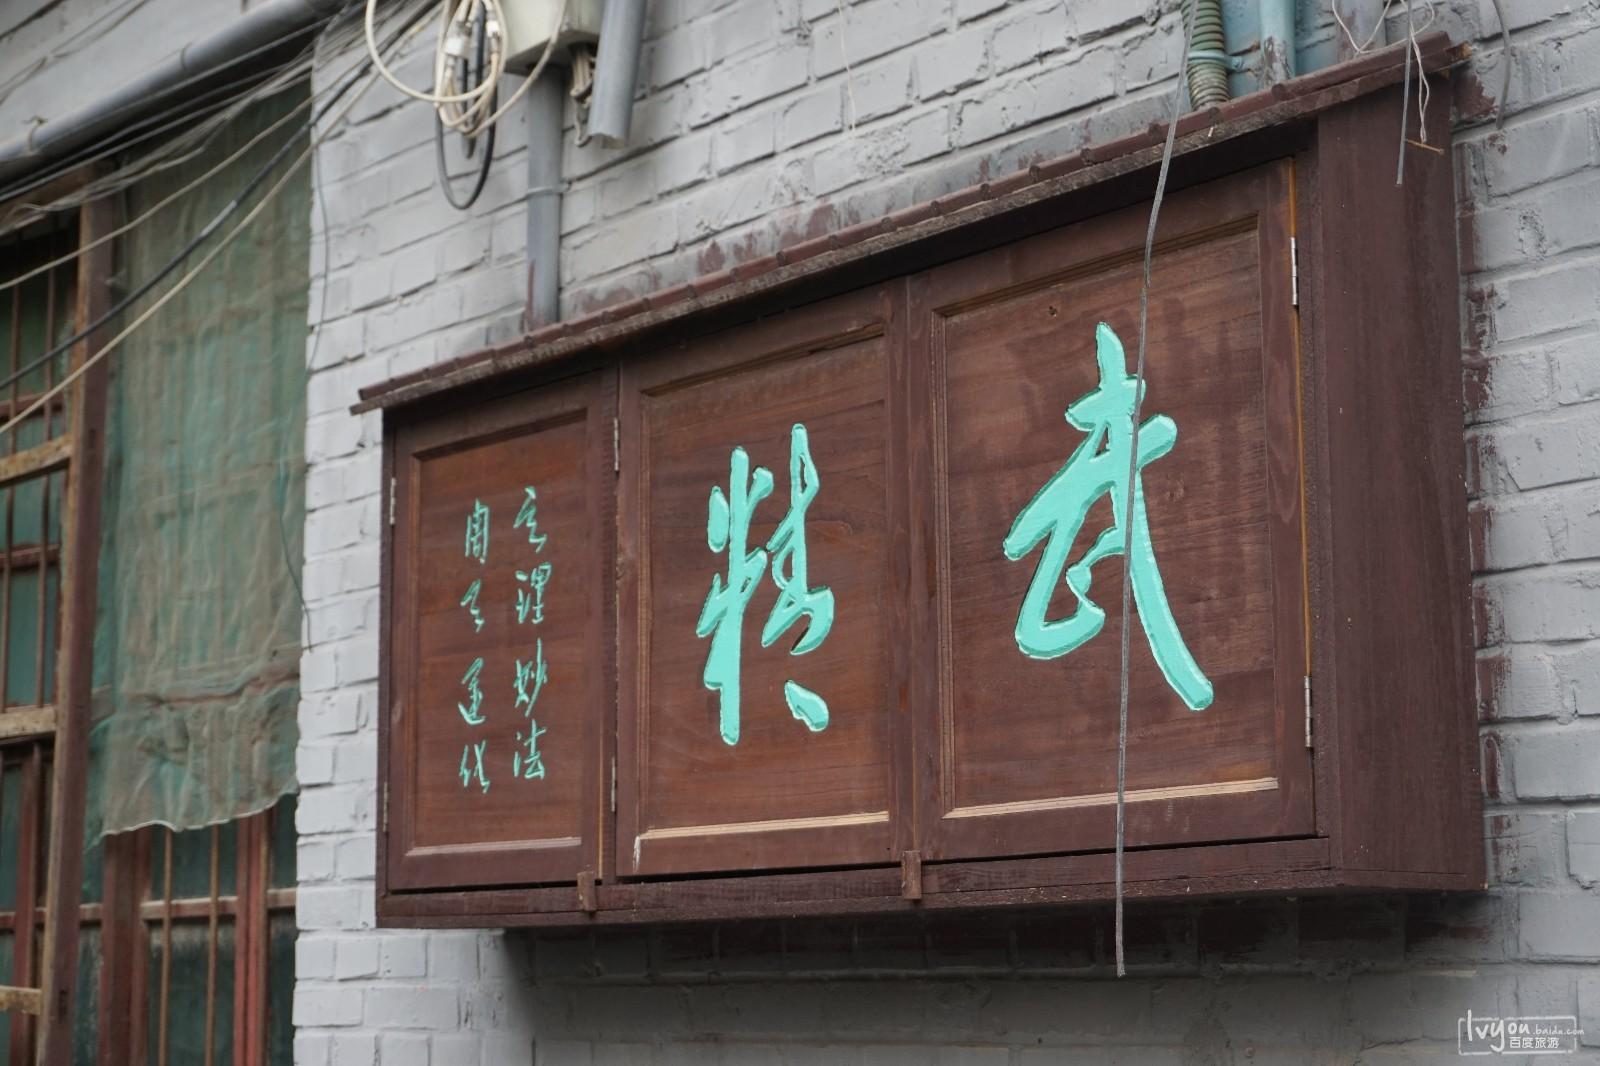 京娘湖<a href=http://www.huaxiacaixun.com/Trave/ target=_blank class=infotextkey>旅游</a>攻略图片20